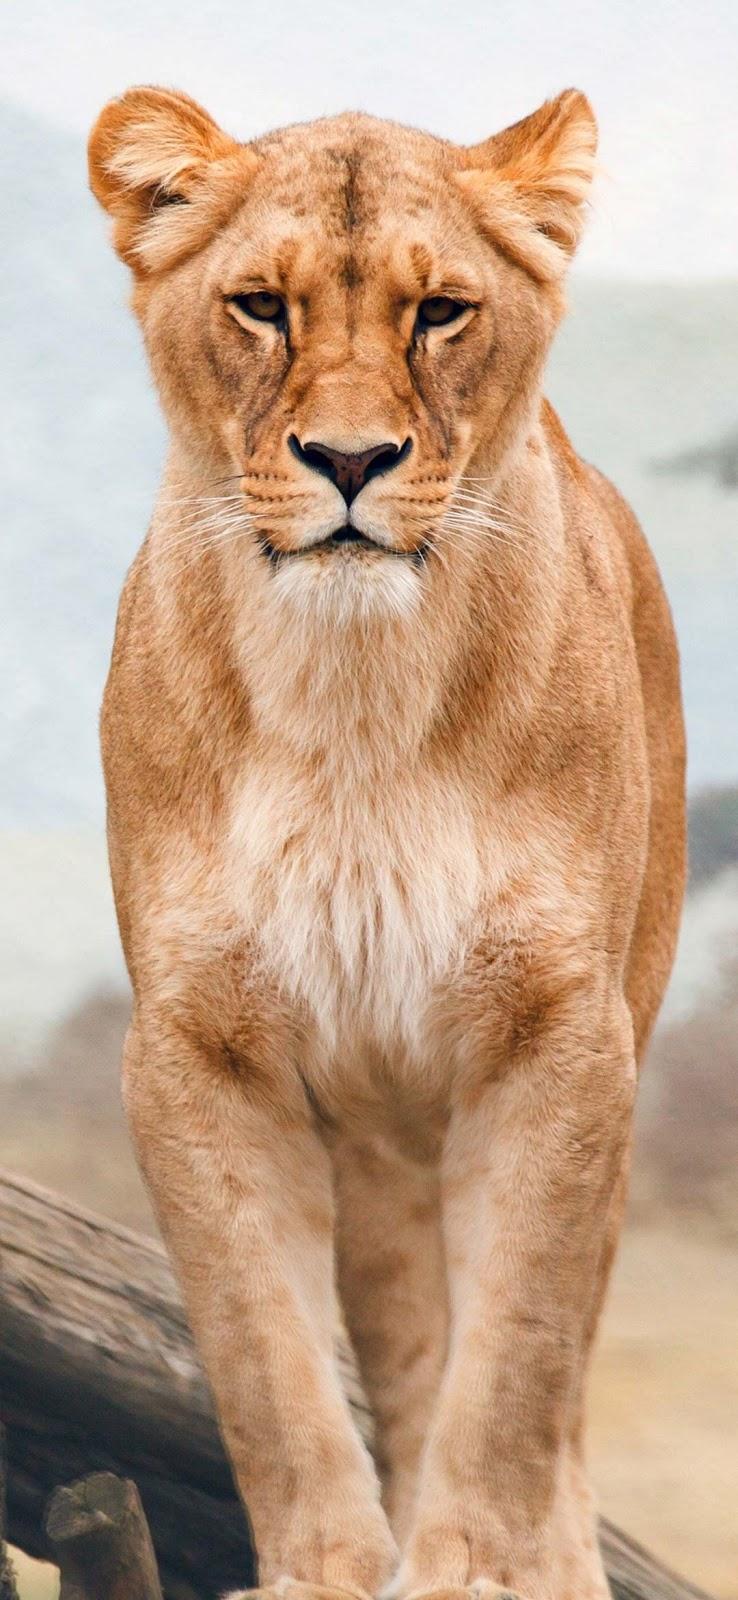 حيوانات افريقيا المفترسة